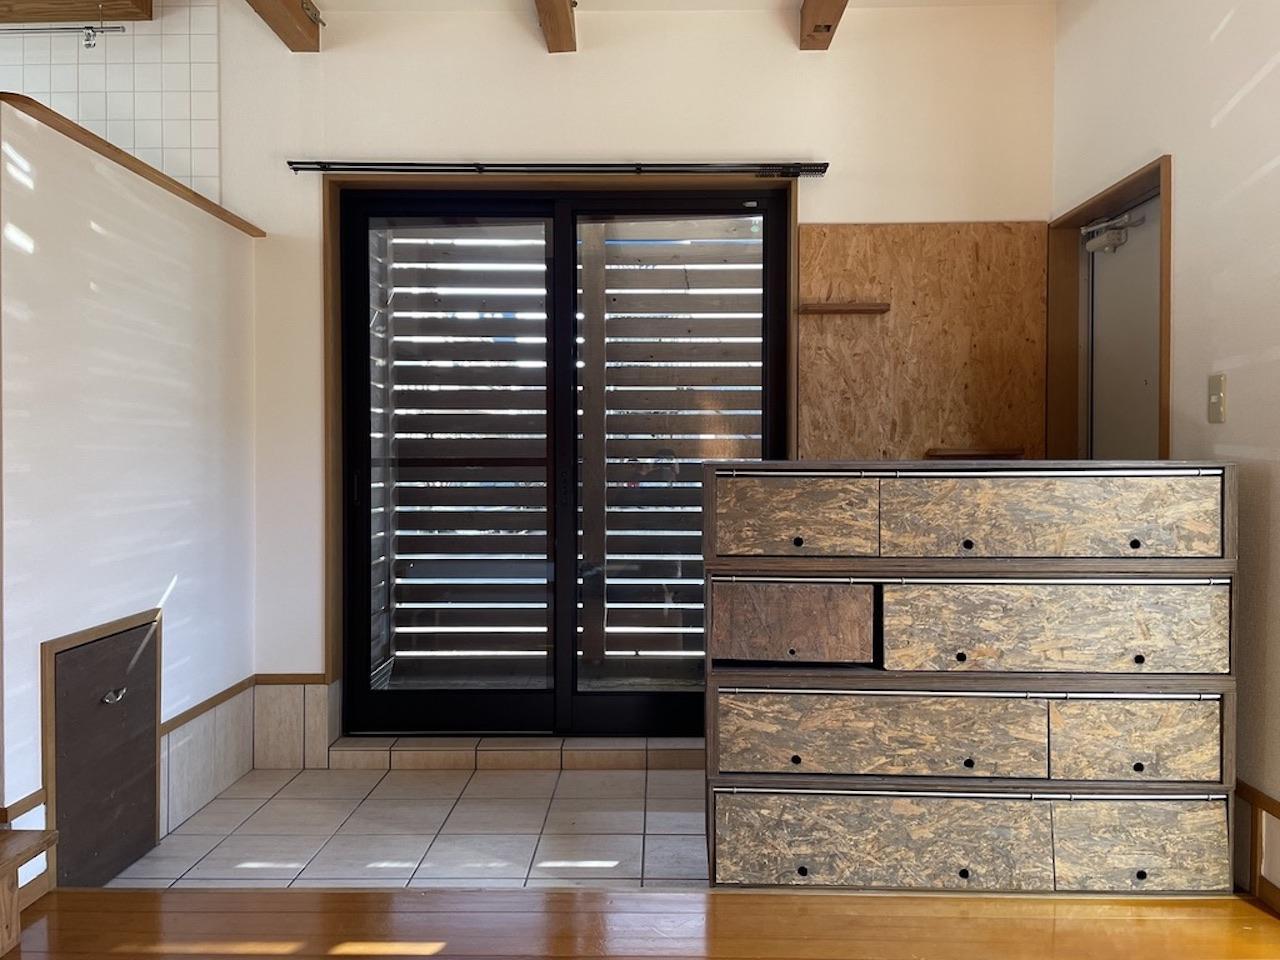 右の棚は自由に移動可能です。(こちらの窓は今回の部屋にはありません。)